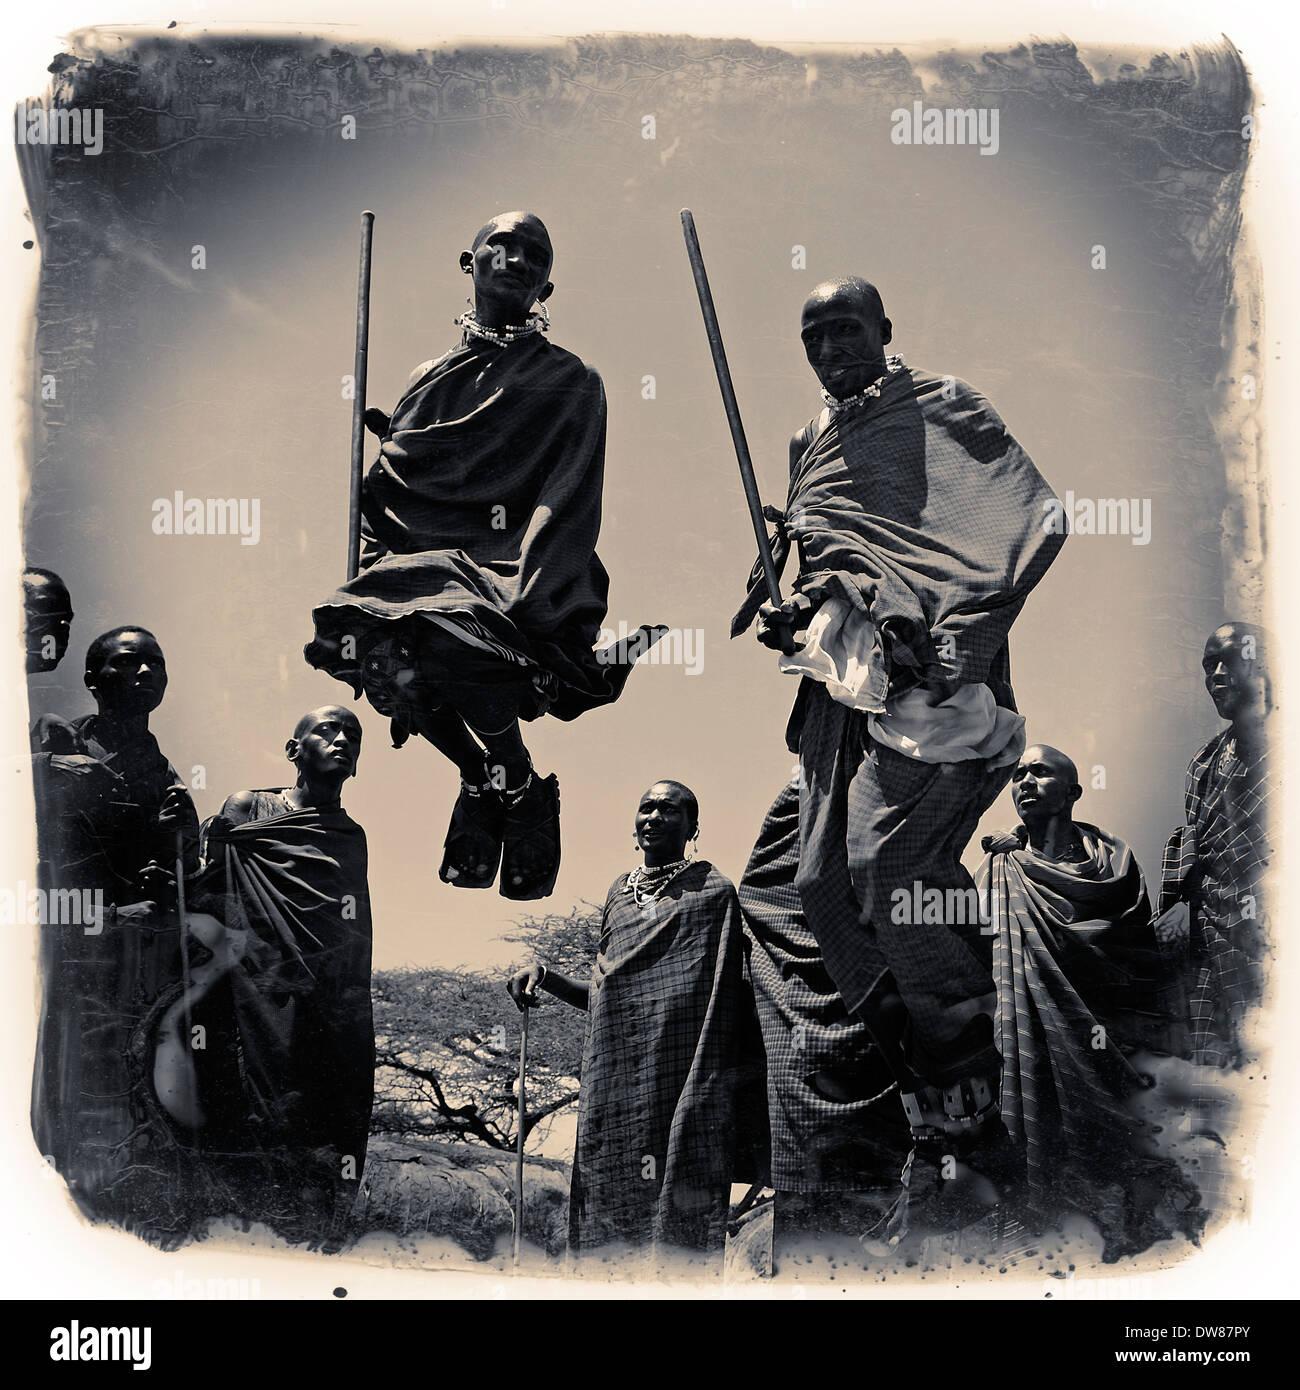 Un groupe d'hommes Massaï participant à la traditionnelle danse Adumu communément appelé Jumping danse exécutée dans une cérémonie de passage à l'âge adulte pour les jeunes guerriers dans la tribu Masaï dans la zone de conservation de Ngorongoro cratère dans la région des hautes terres de Tanzanie Afrique de l'Est Photo Stock